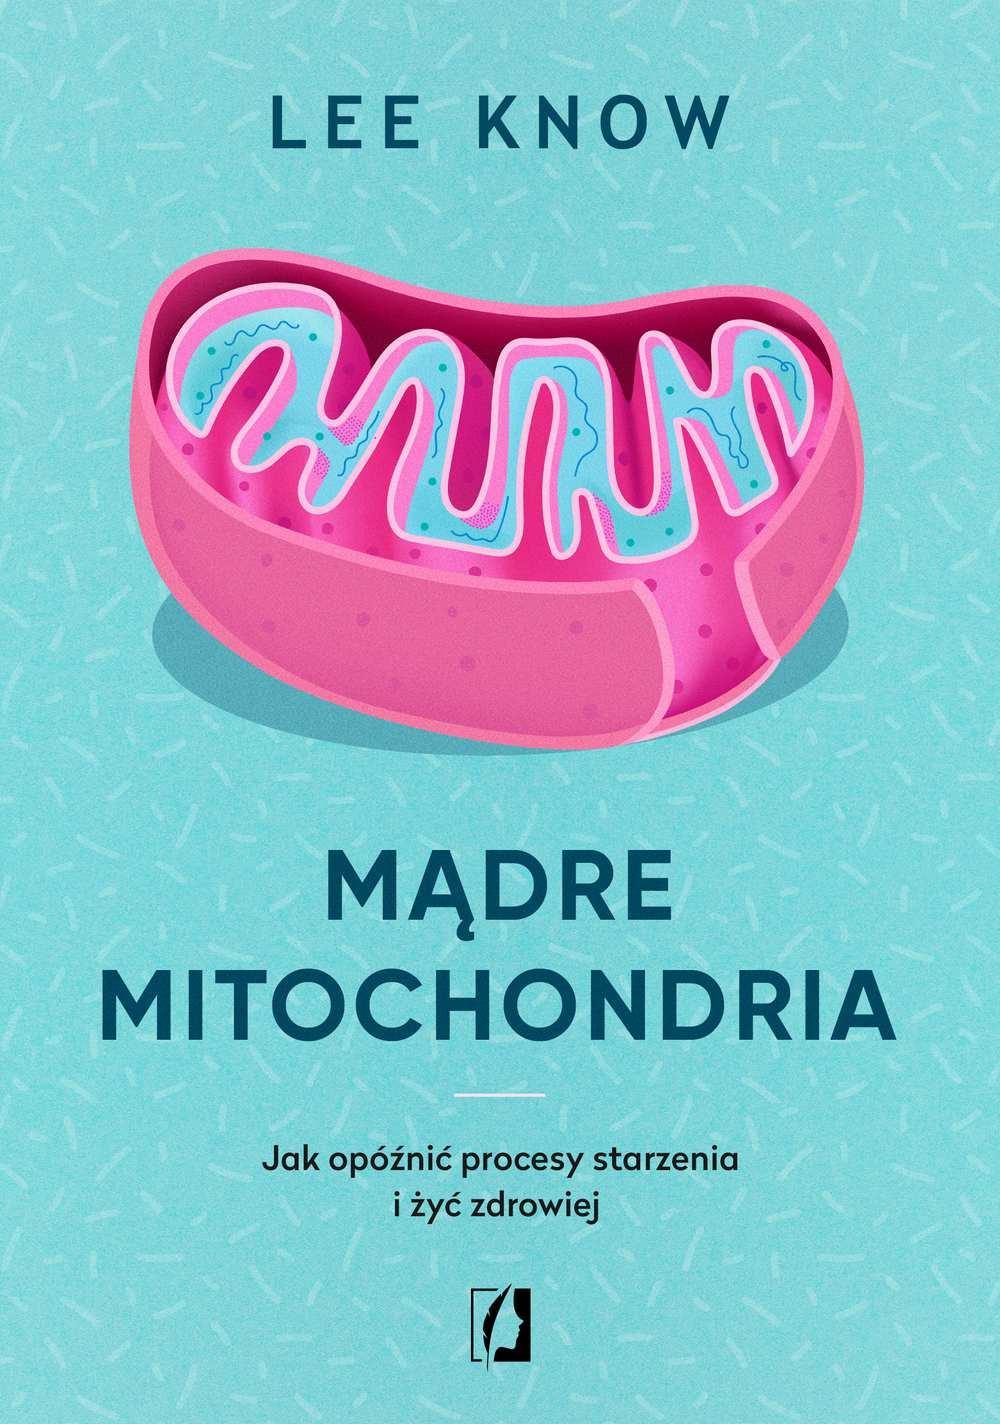 Mądre mitochondria. Jak opóźnić procesy starzenia i żyć zdrowiej - Ebook (Książka na Kindle) do pobrania w formacie MOBI